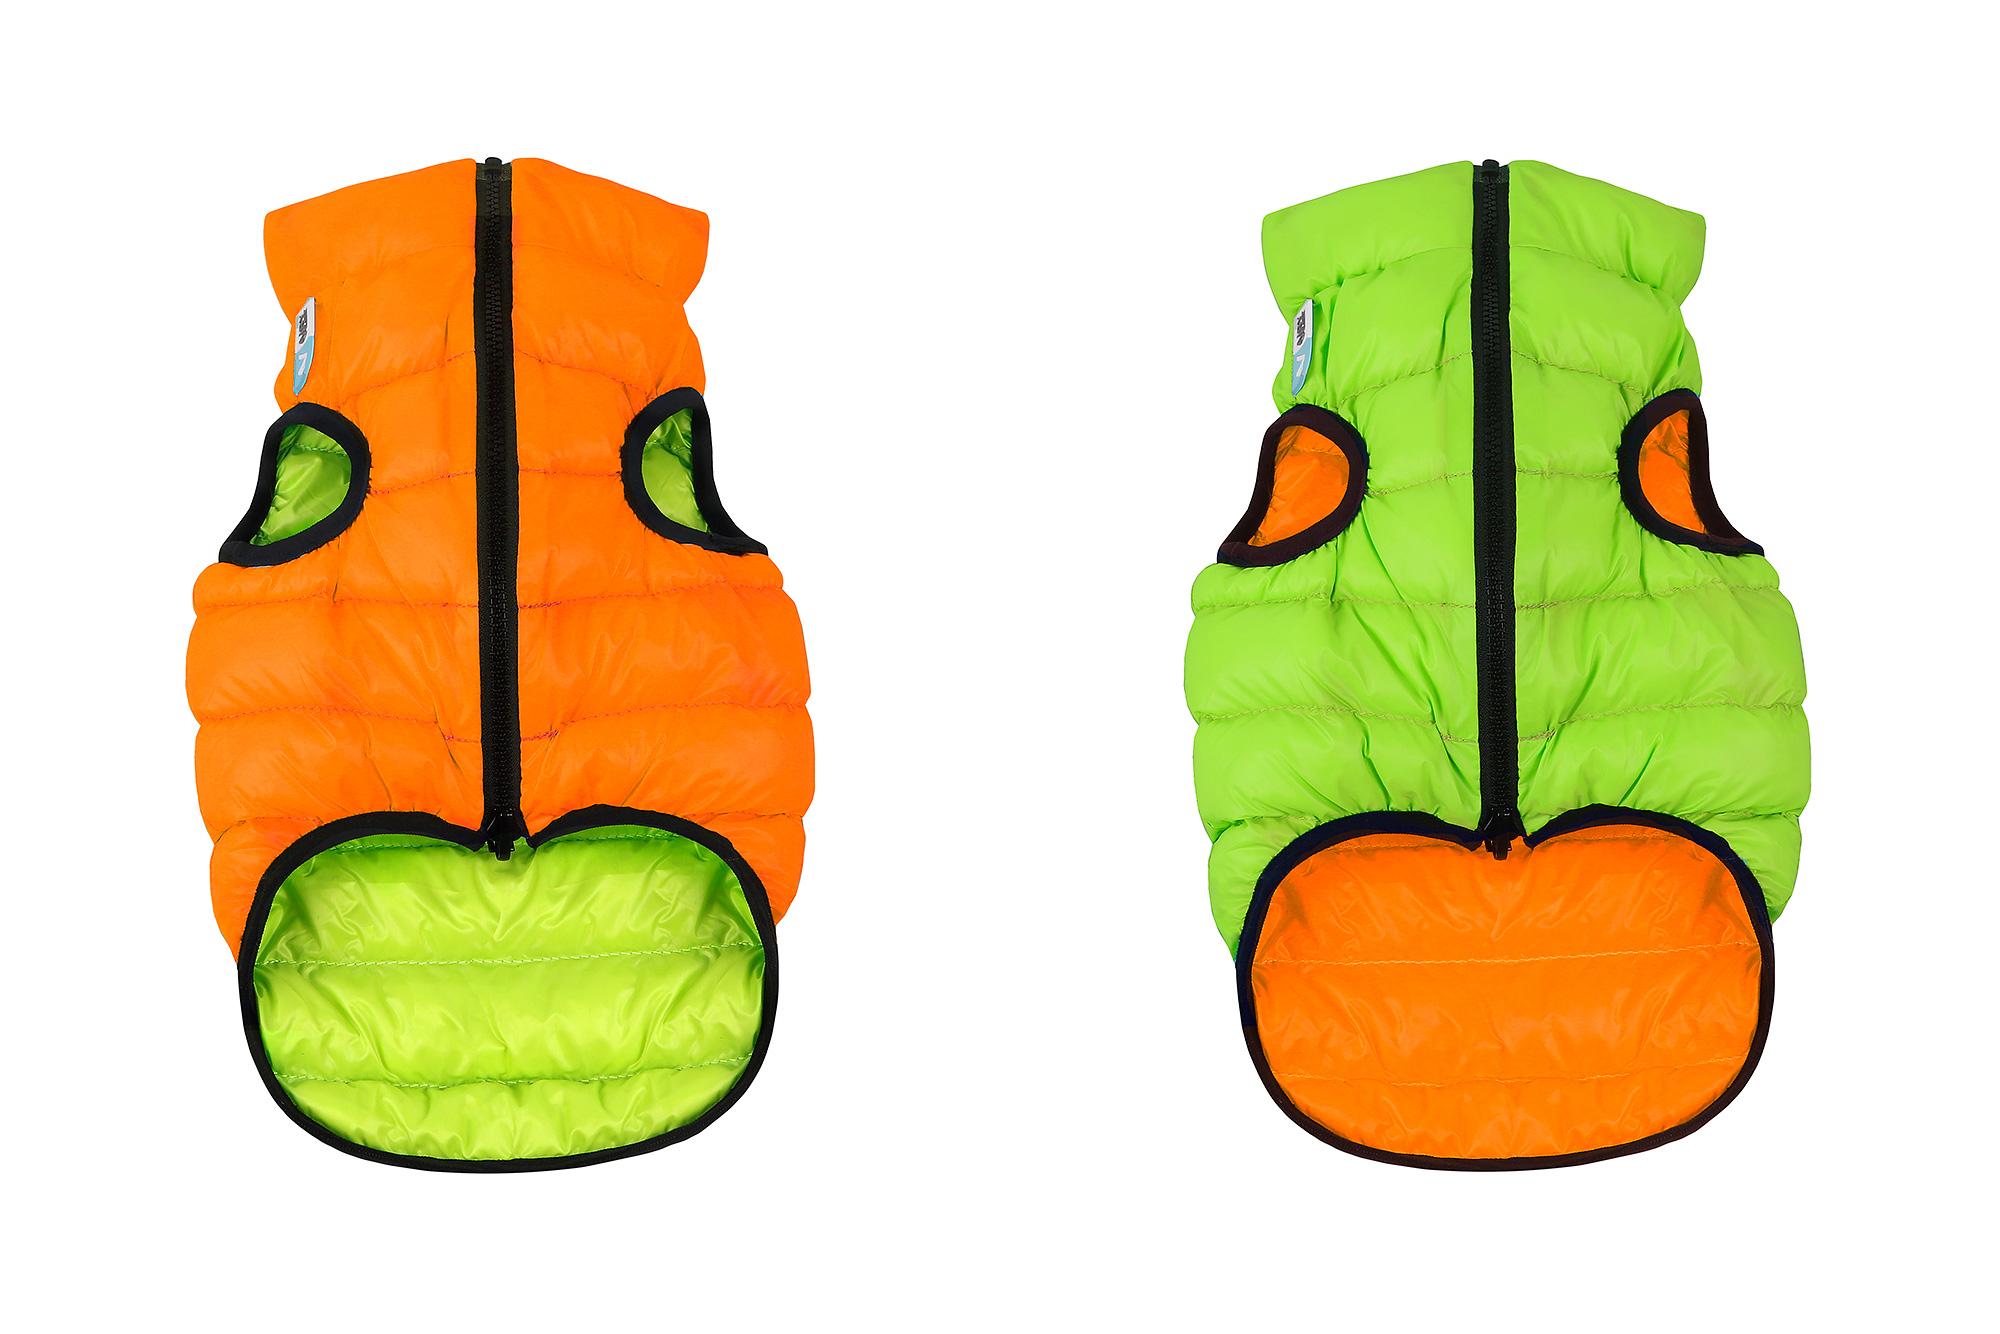 Collar Курточка для собак AiryVest двусторонняя, размер ХS 30, оранжево-салатовая 1594 Kormberi.ru магазин товаров для ваших животных